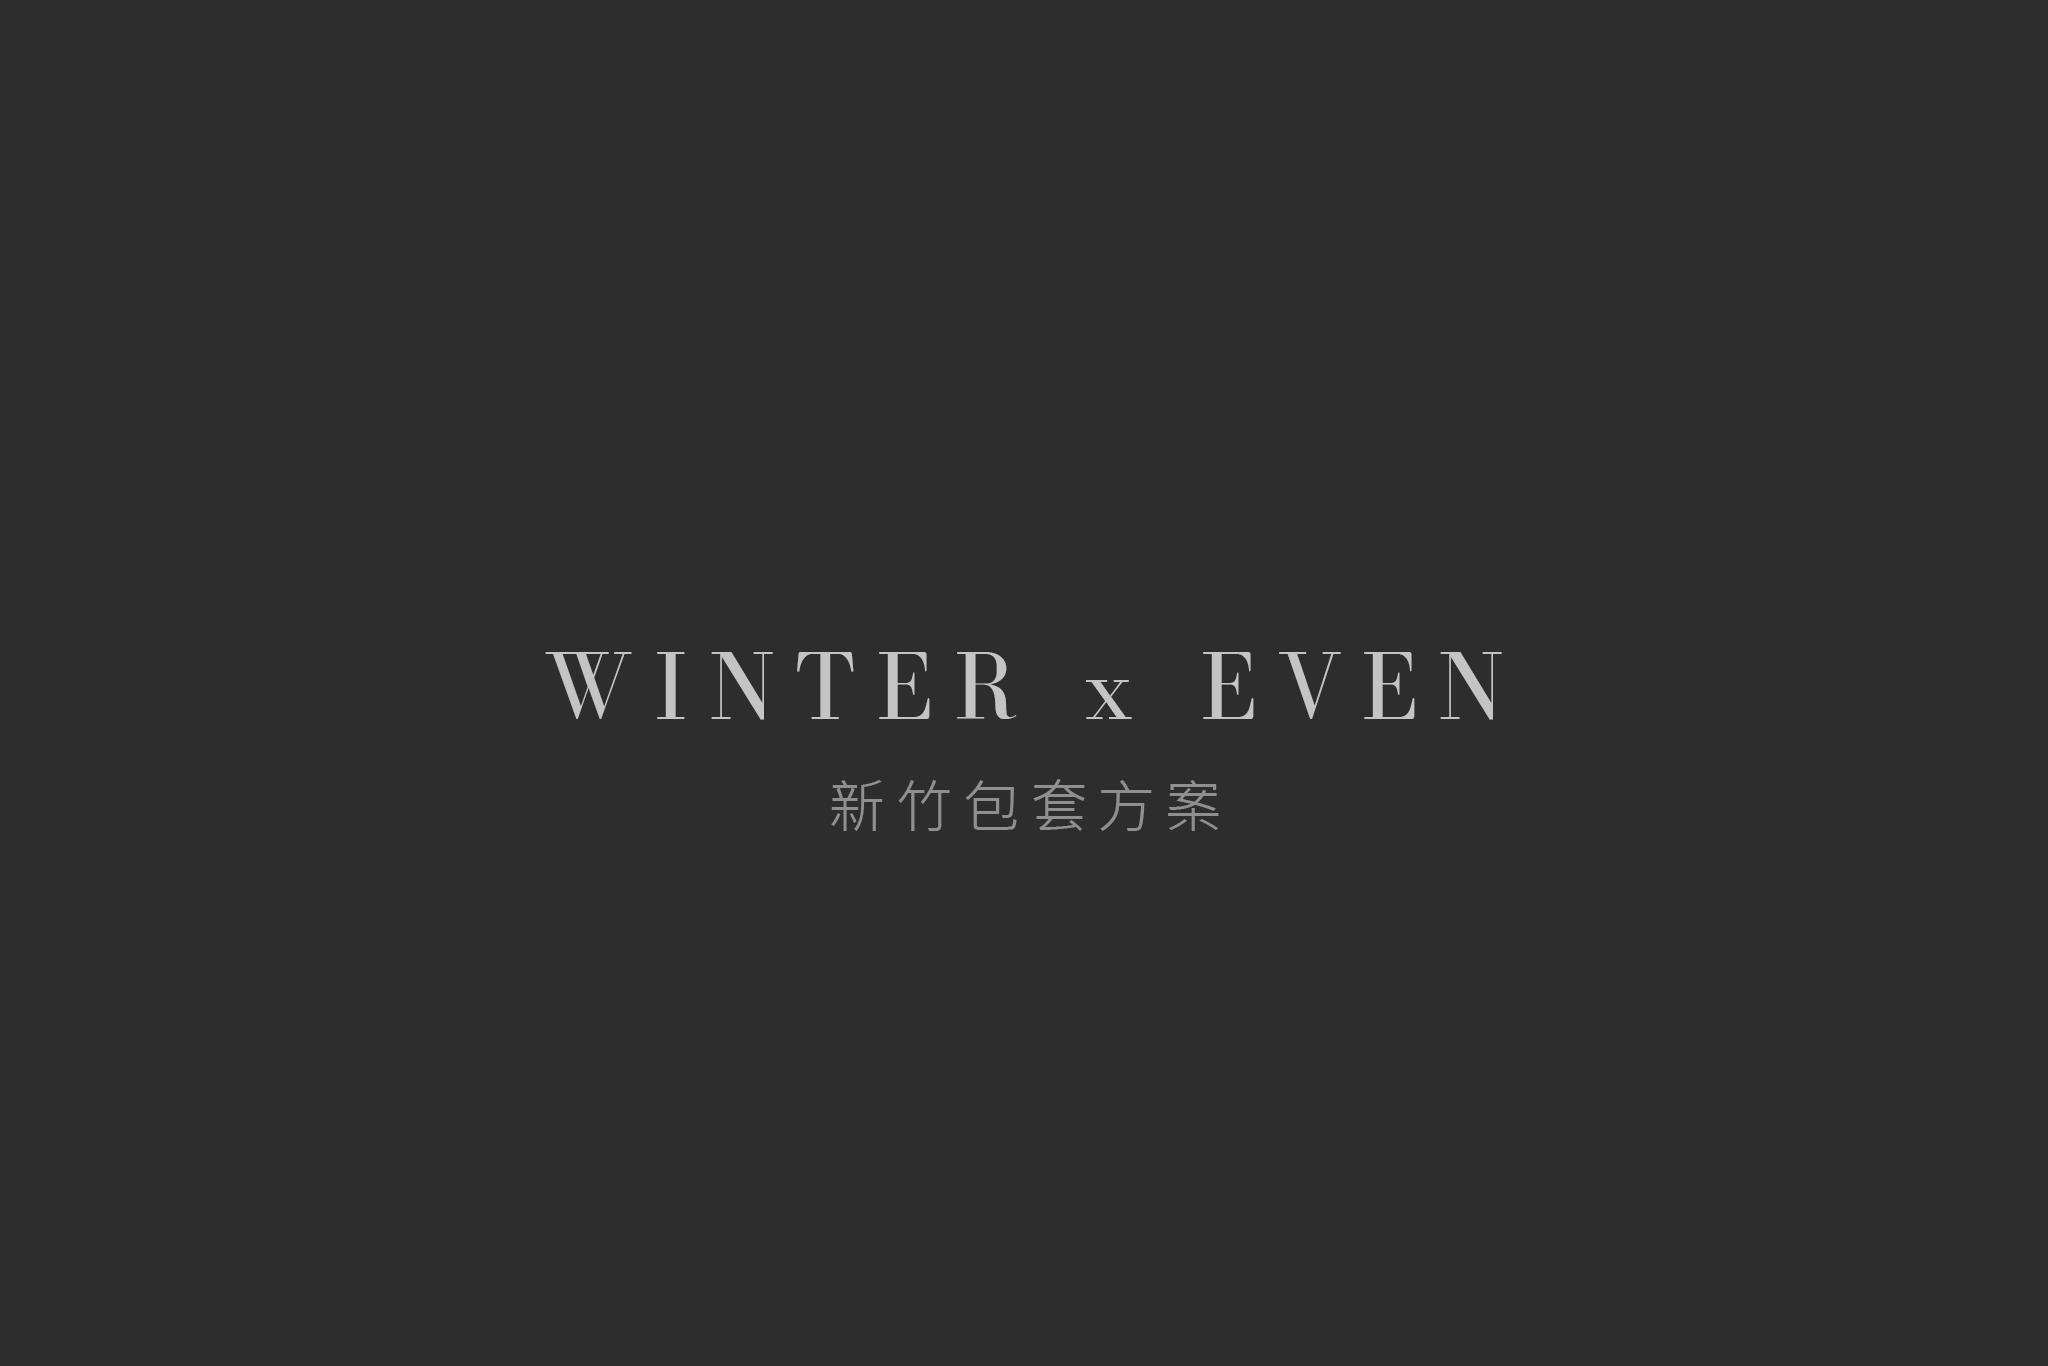 新竹|WINTER x Even  包套方案